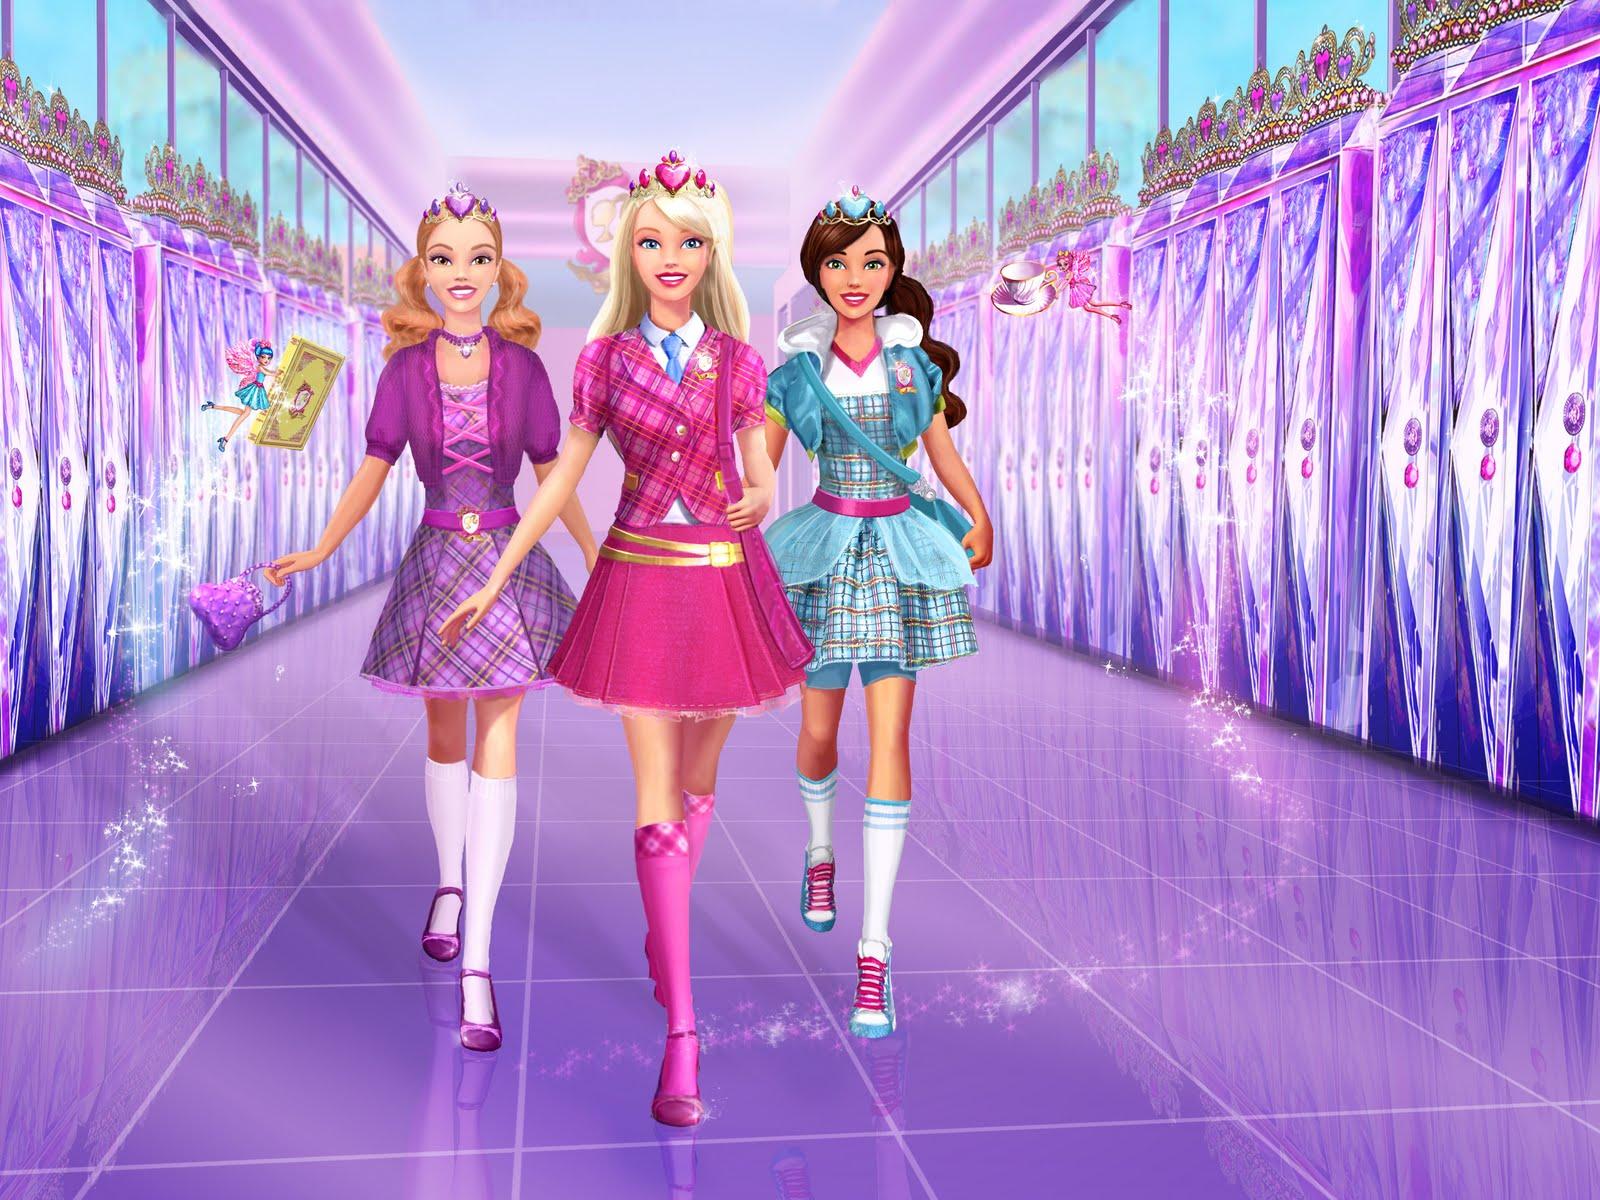 Judul Judul Film Barbie Mulai Jaman Dulu Hingga Sekarang Ecca Blog